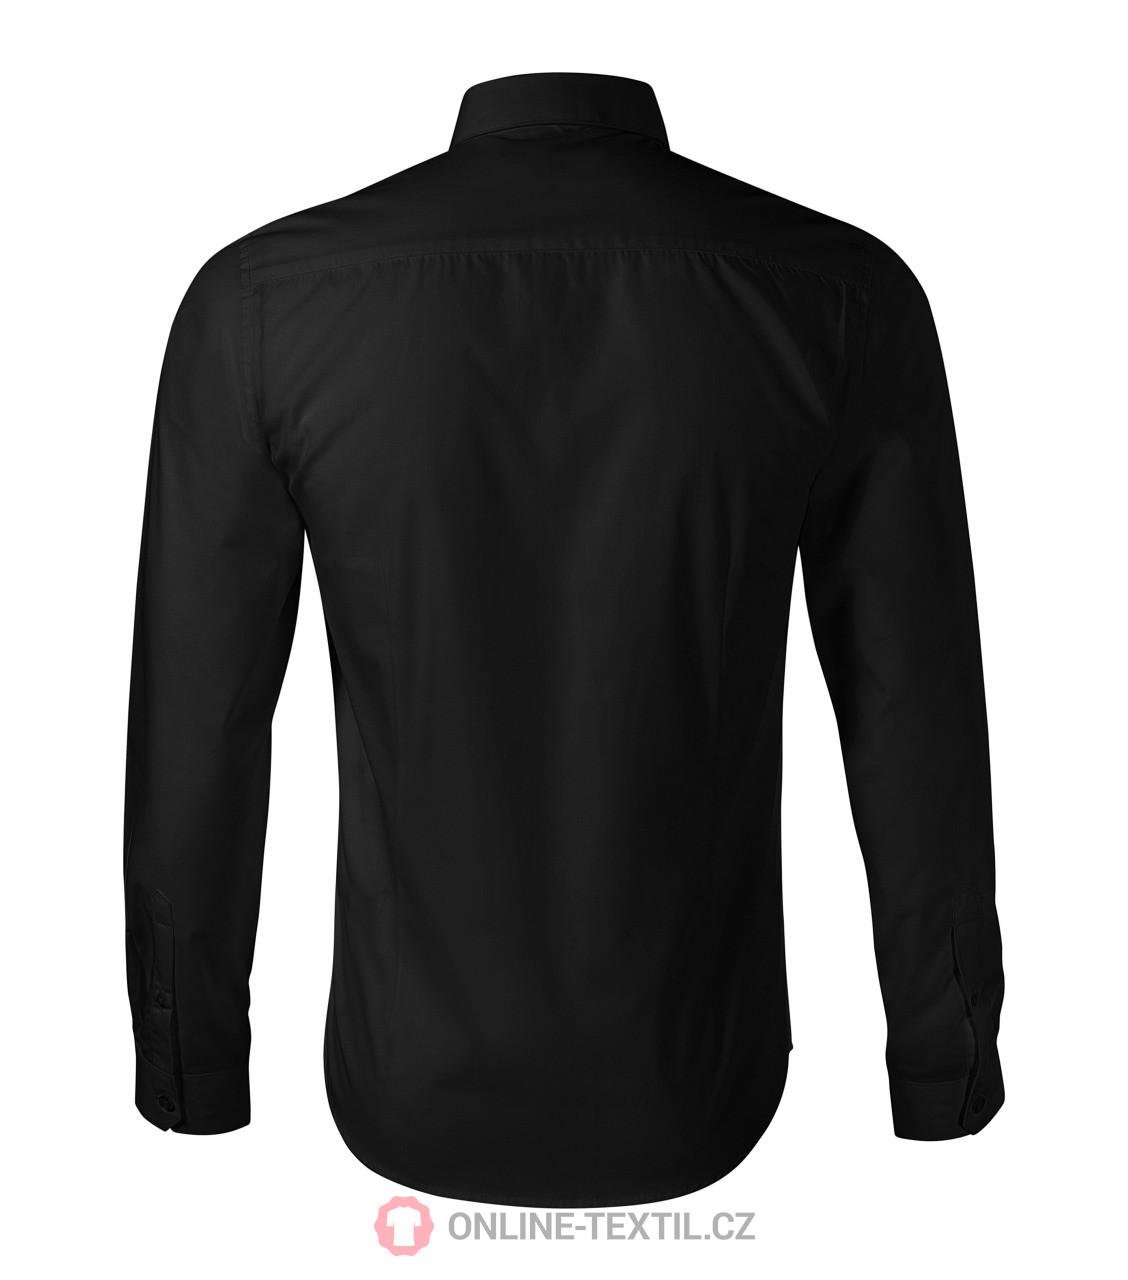 ff6646330787 ADLER CZECH Pánska košeľa Malfini Premium Dynamic 262 - čierna z ...